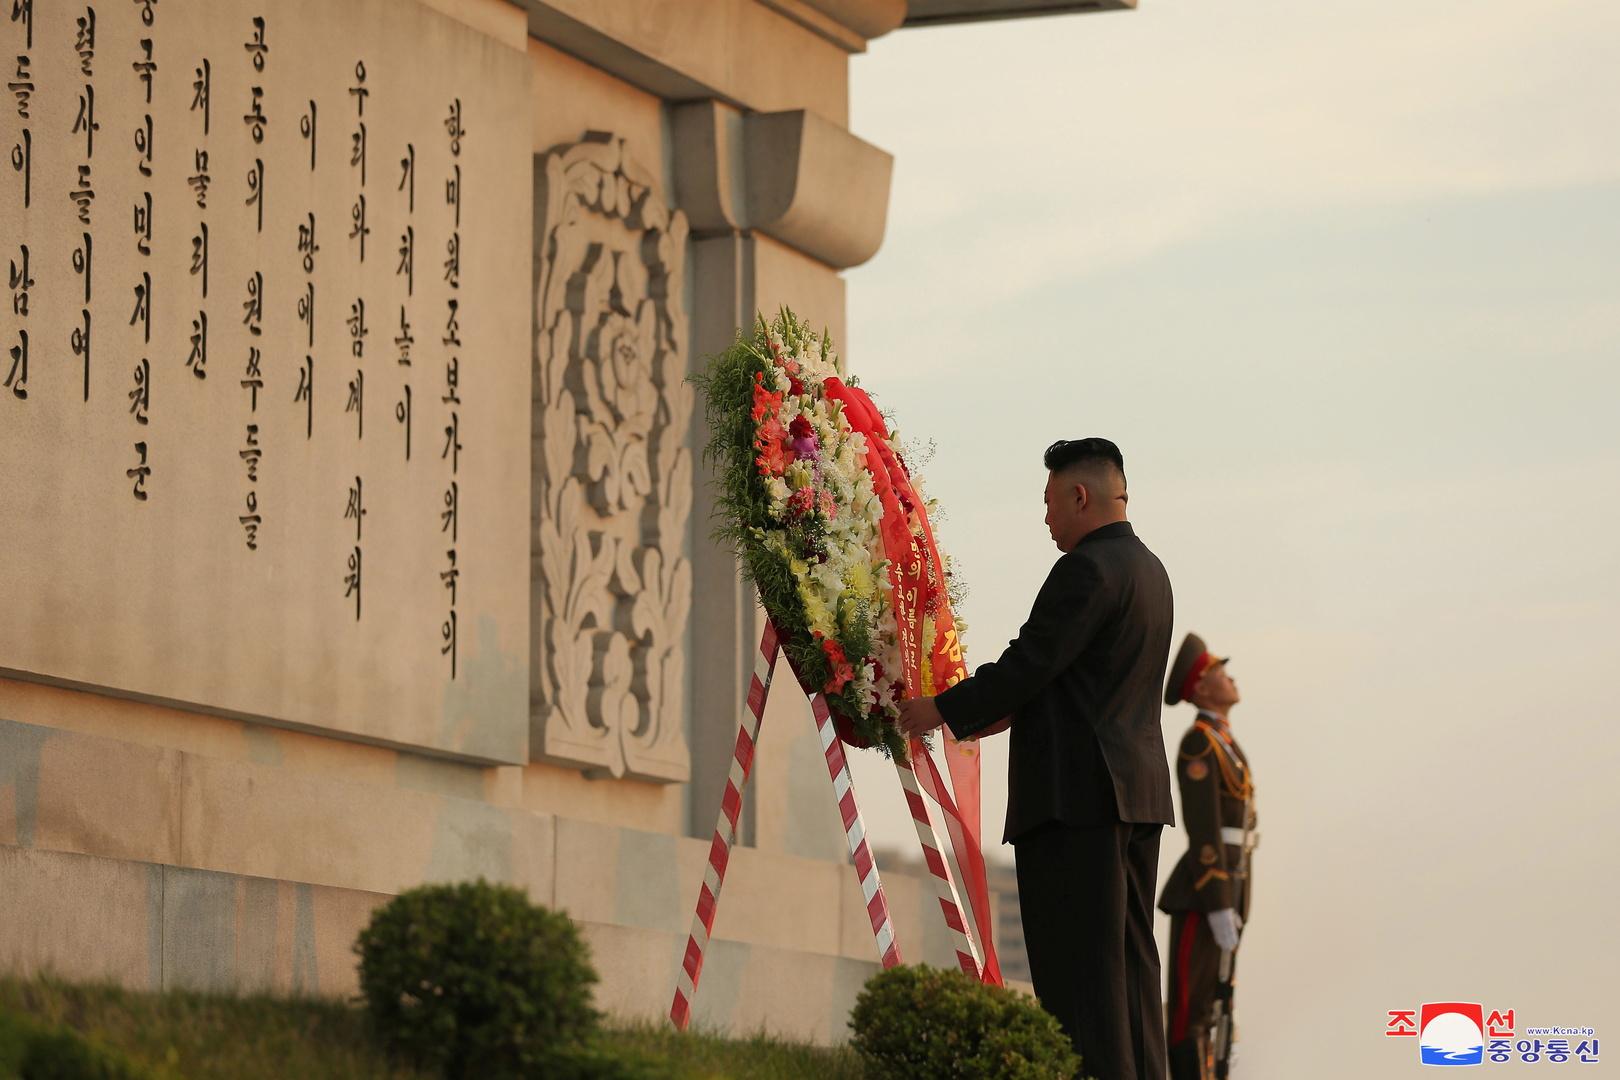 الزعيم الكوري الشمالي: العلاقات الحميمة مع الصين ستستمر جيلا بعد جيل